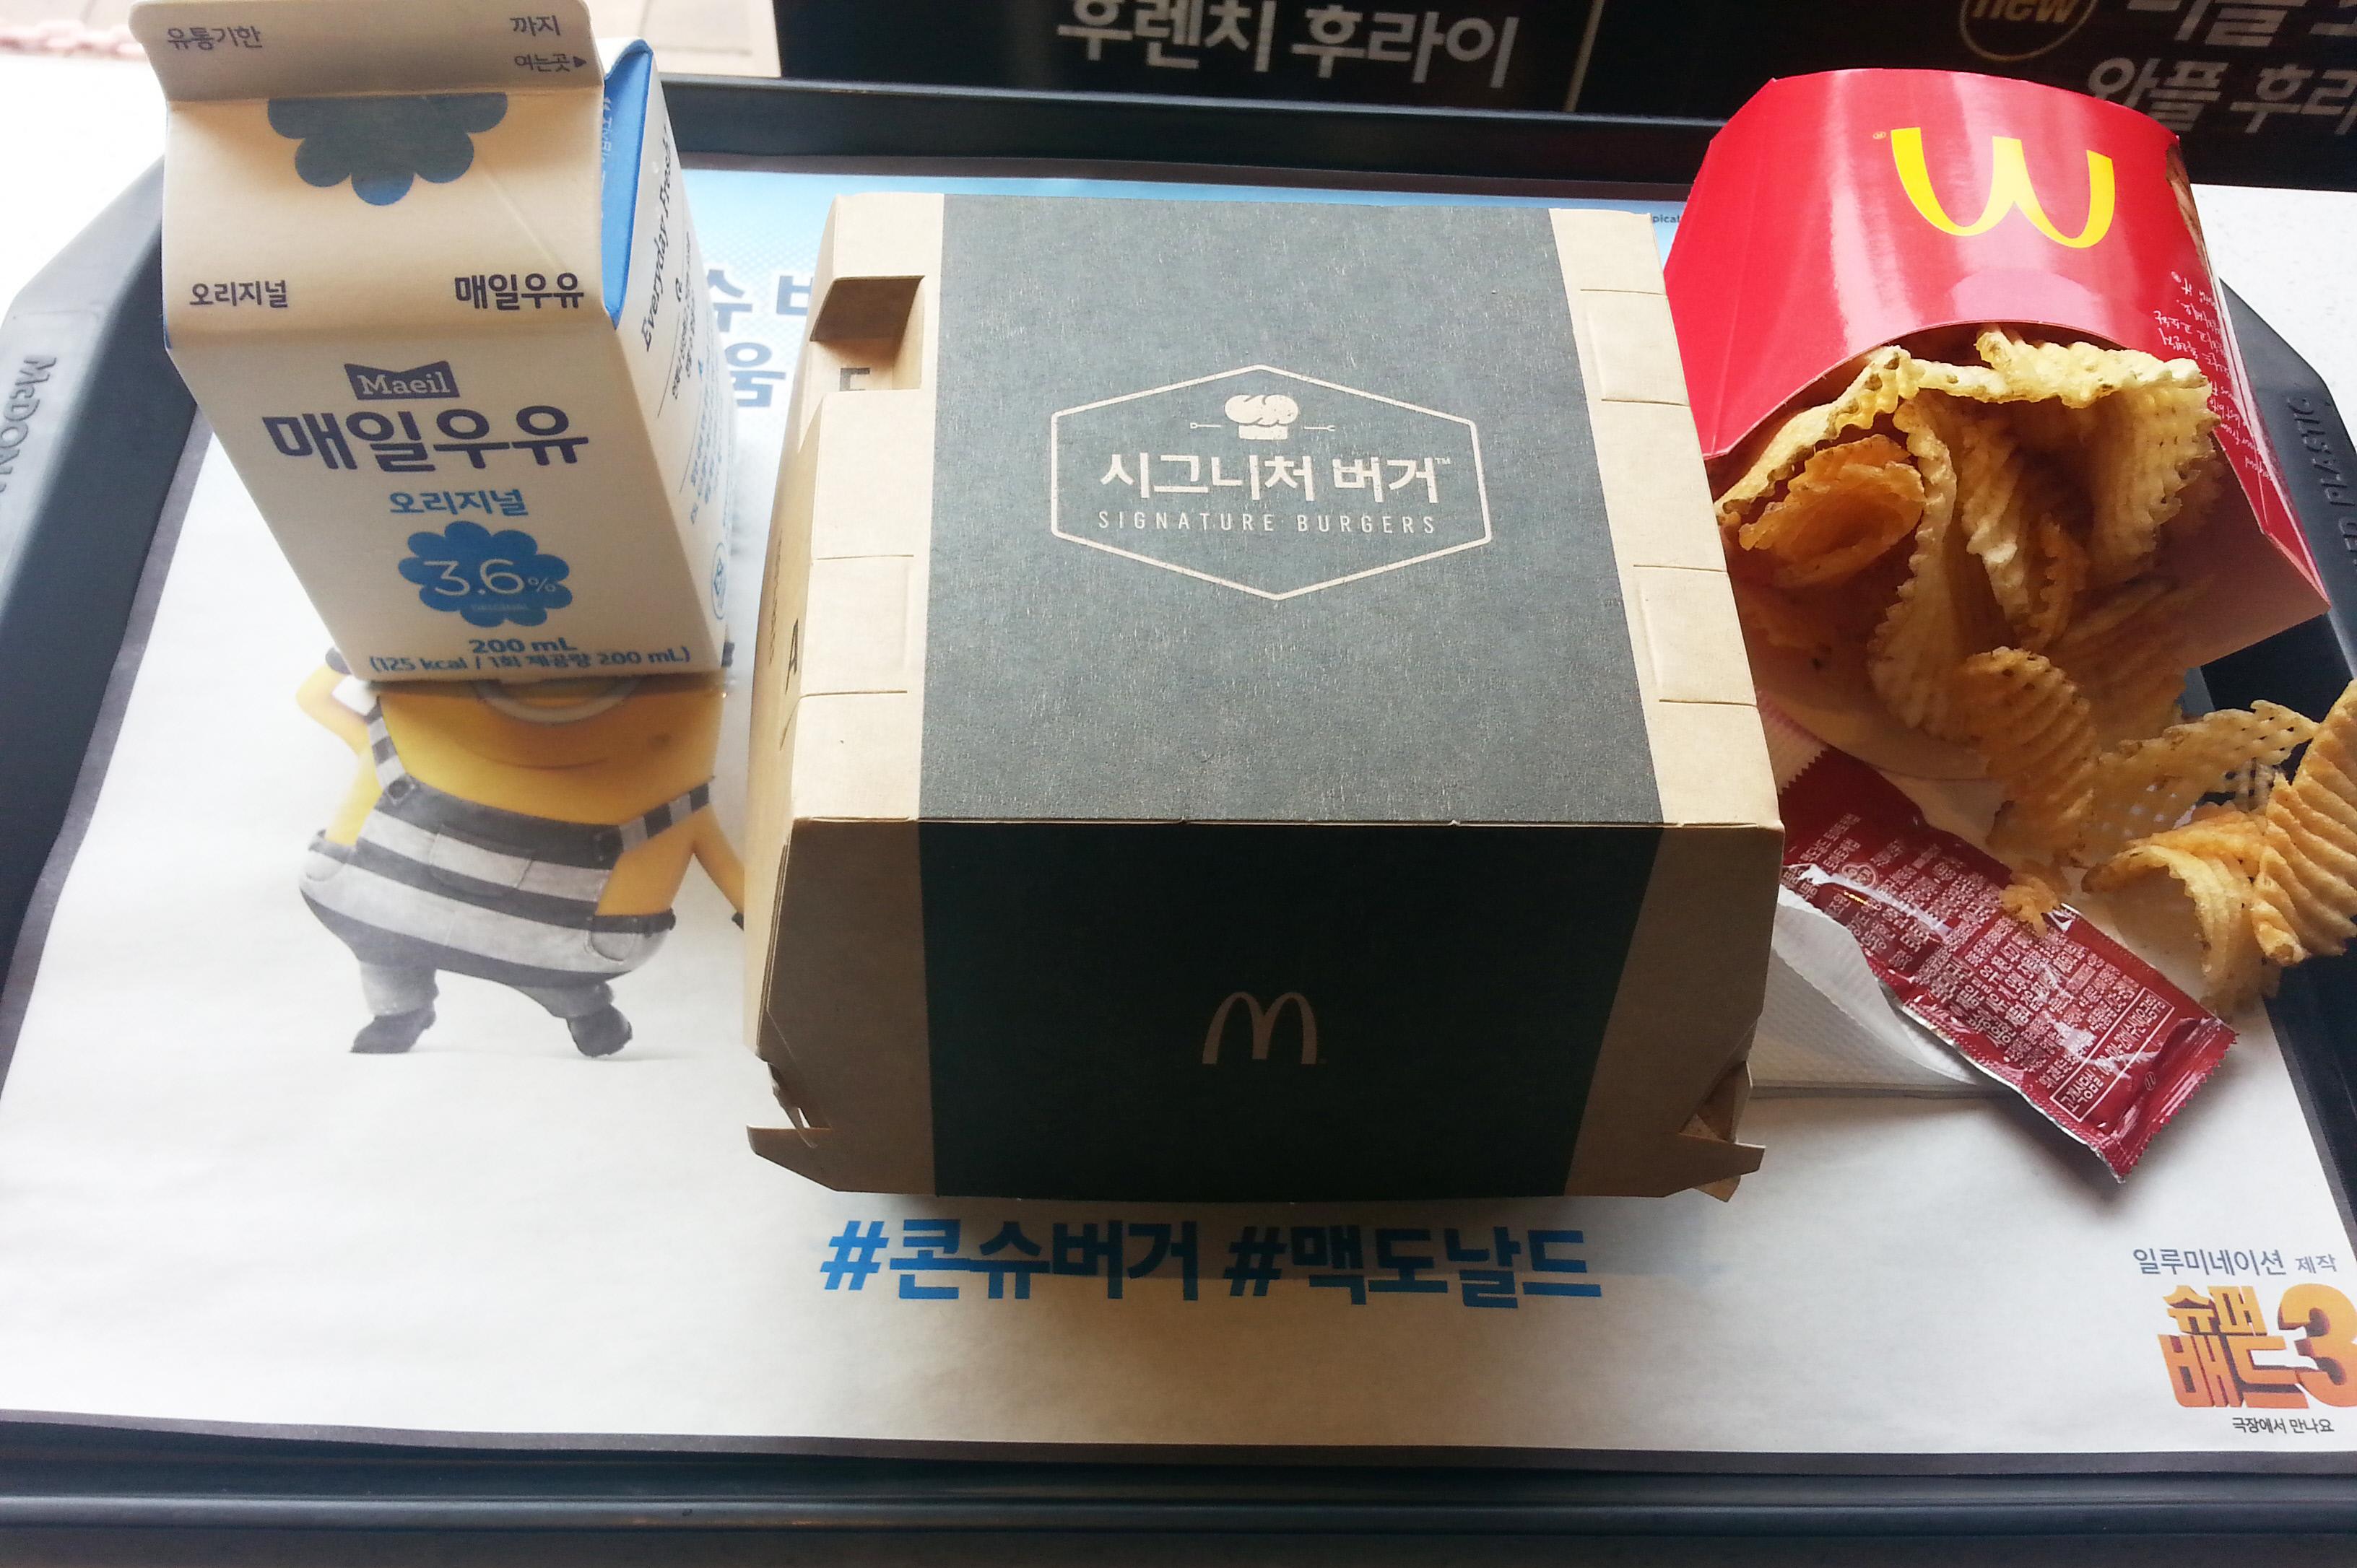 [맥도날드] 골든에그치즈버거 (시그니처 버거)..